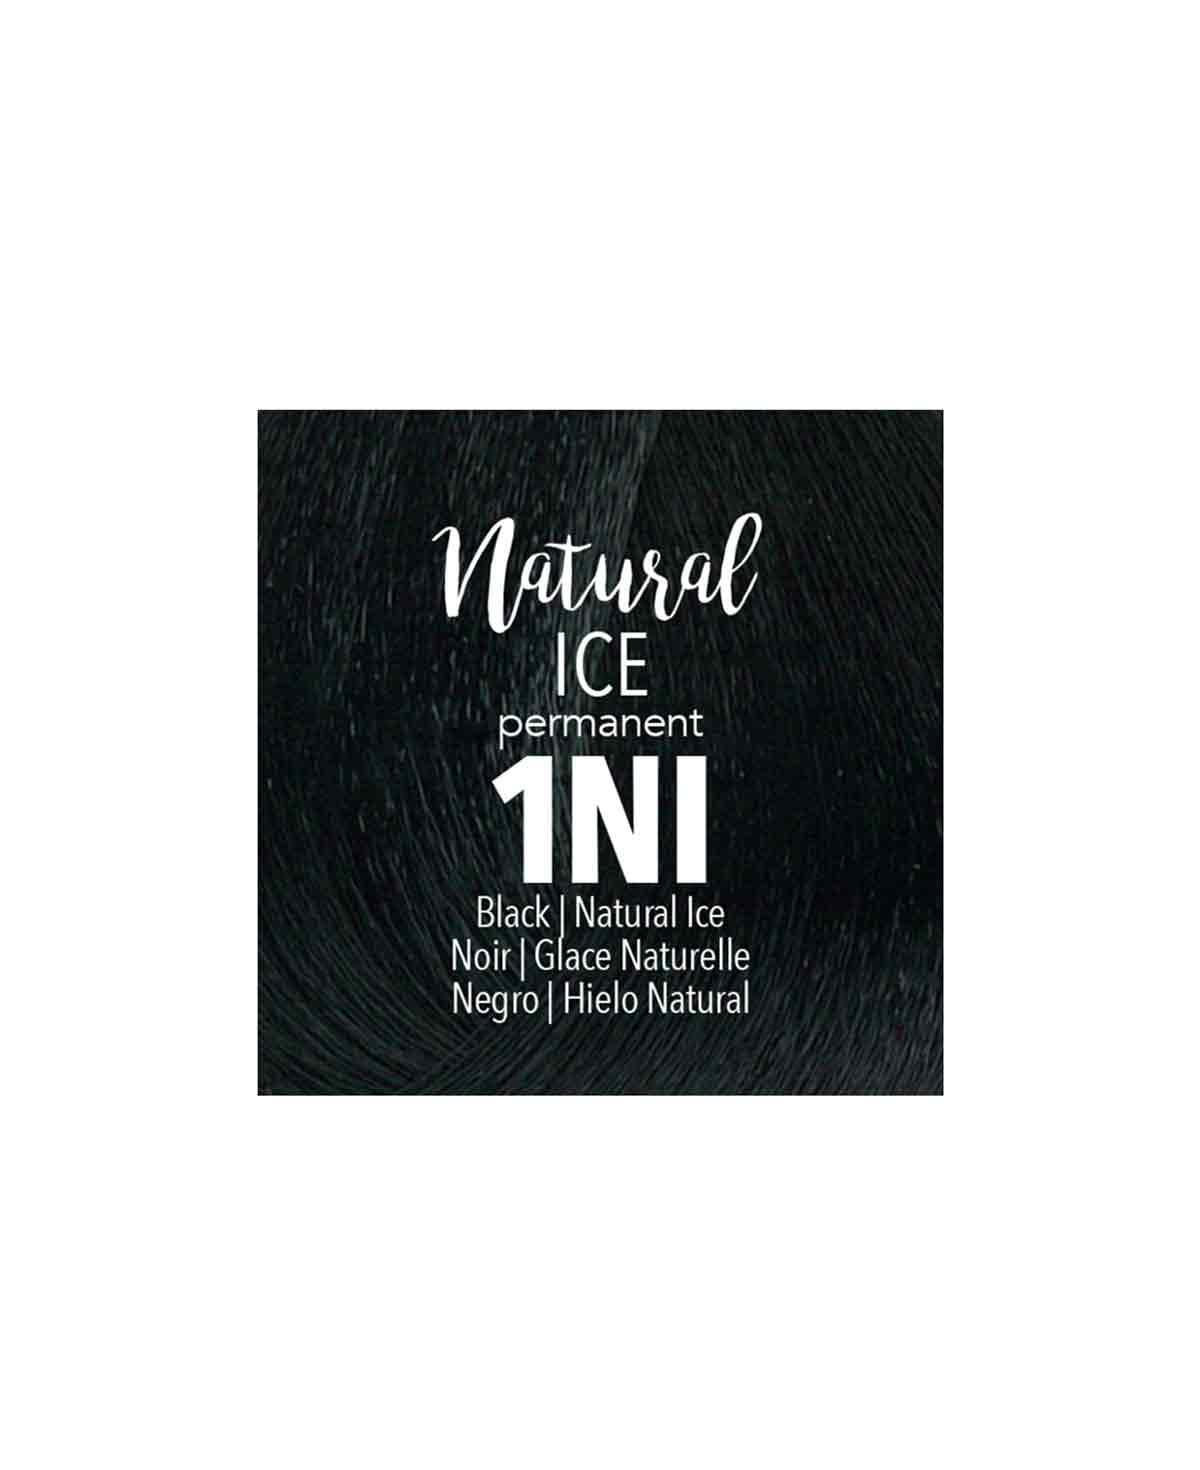 Mydentity - 1NI Black Natural Ice